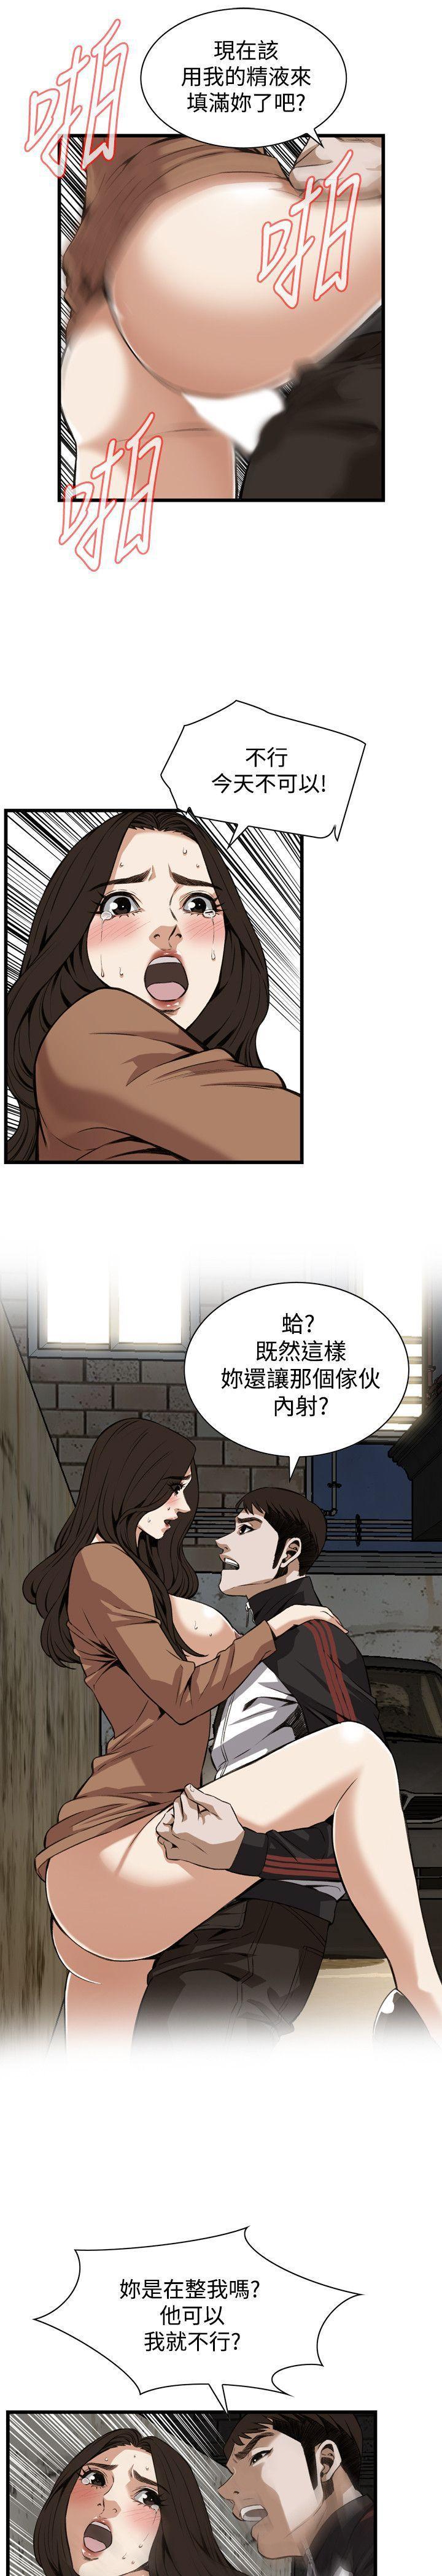 偷窥72-93 Chinese Rsiky 395